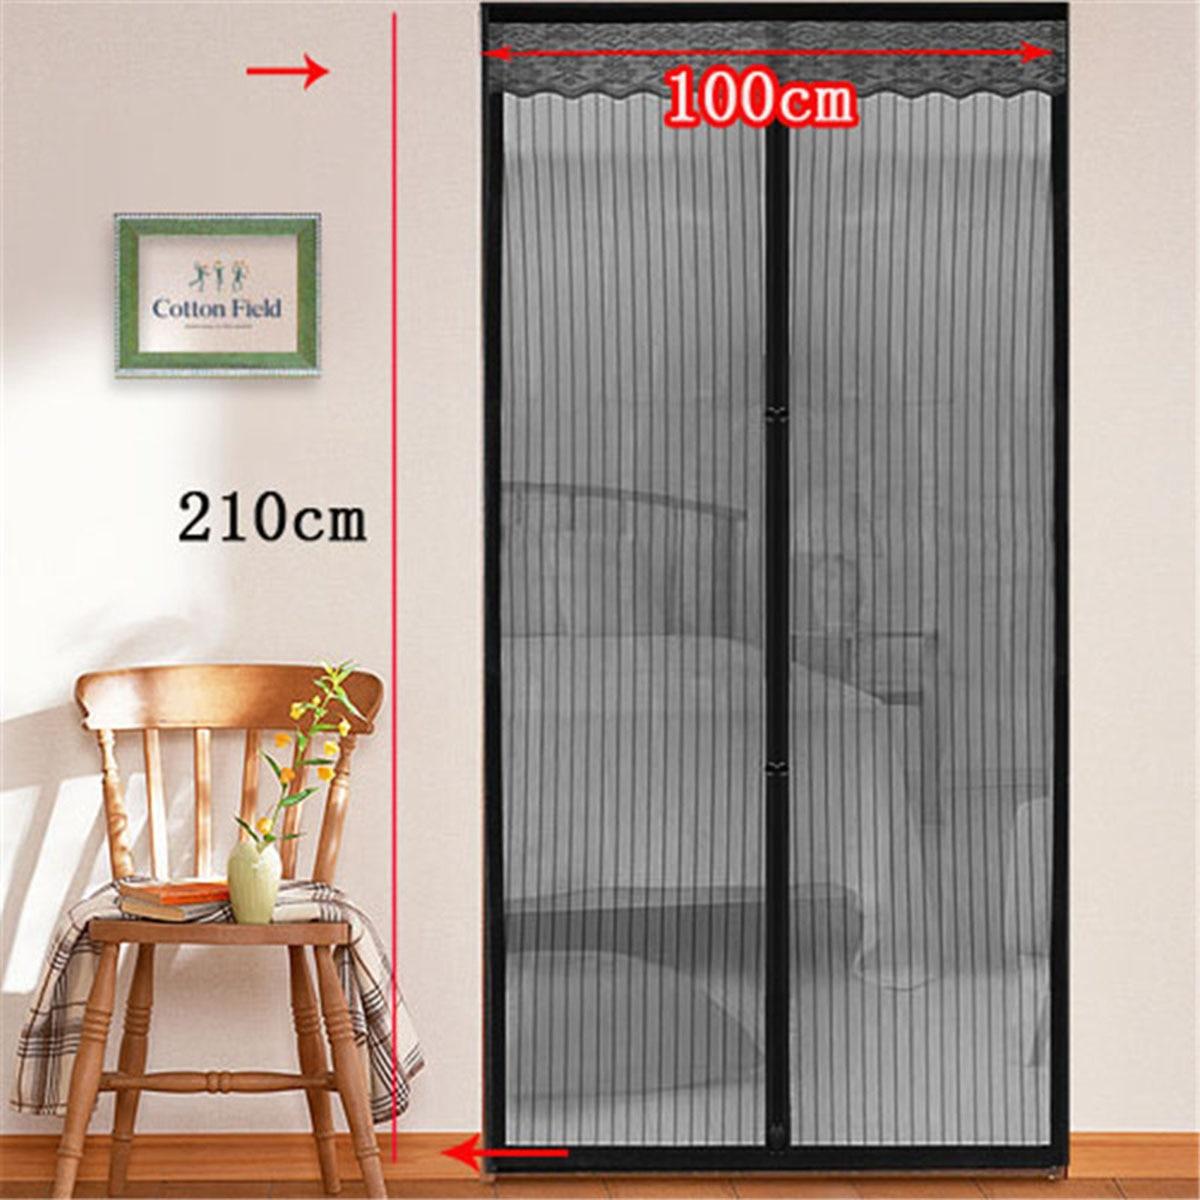 Магнитная противомоскитная сетка для окон и дверей swissline.